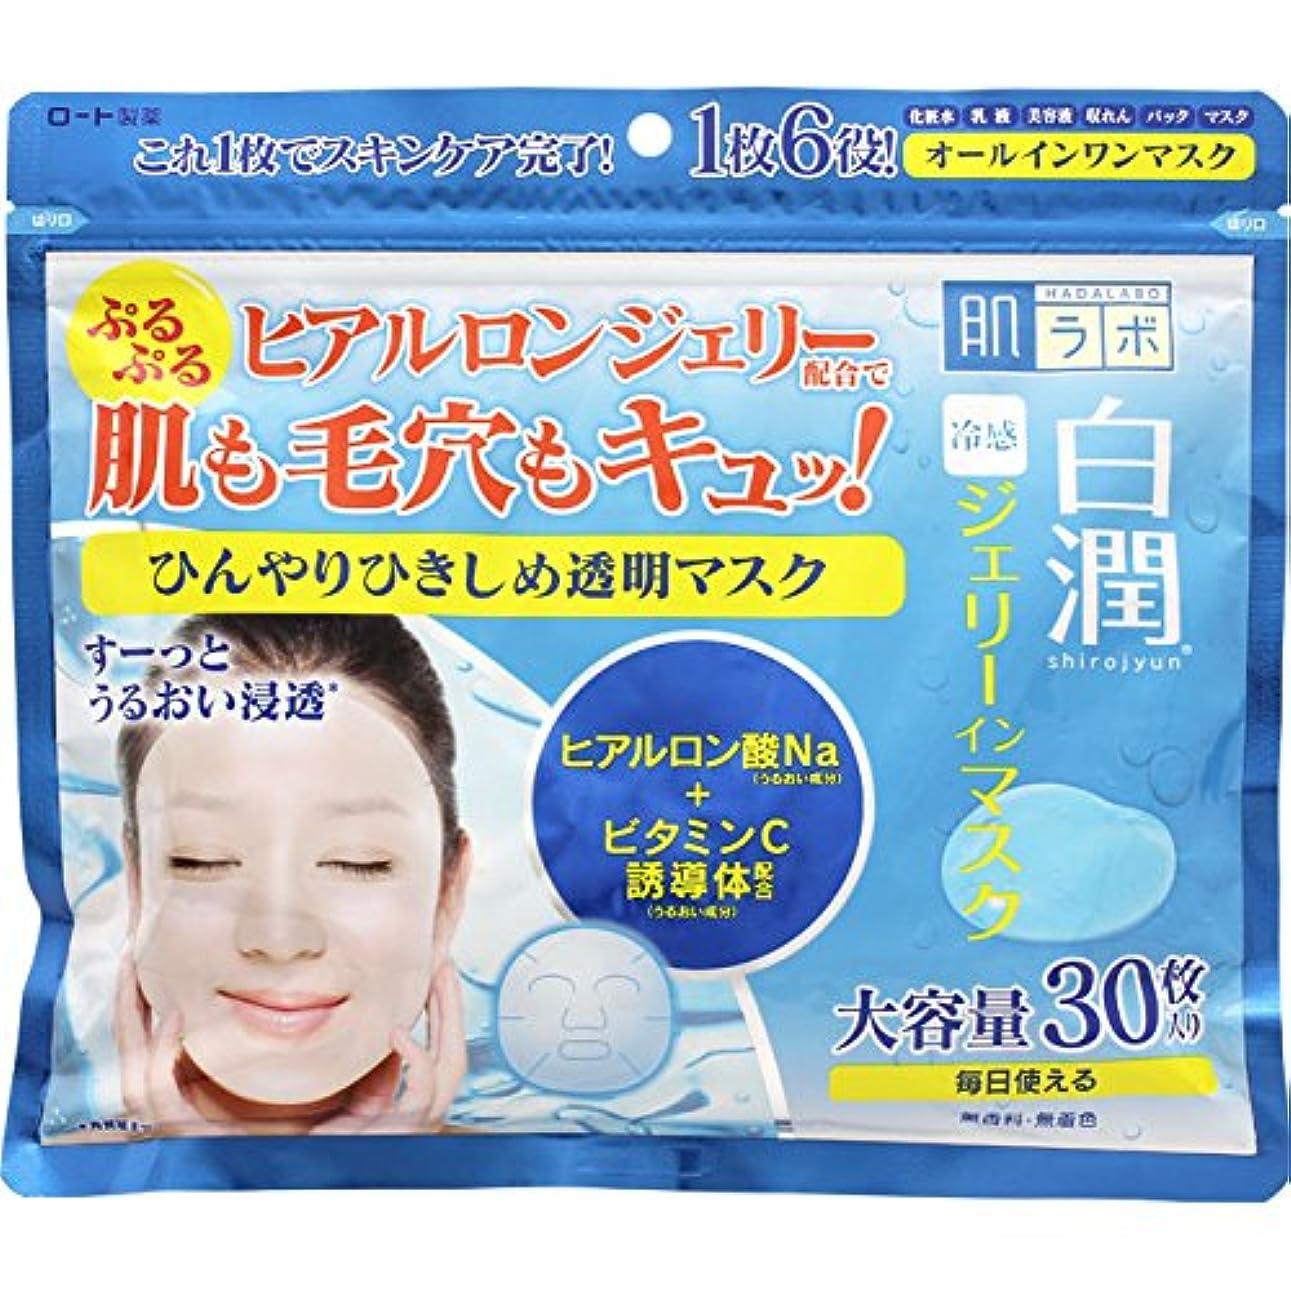 とらえどころのないエレクトロニックアンテナ肌ラボ 白潤 冷感ジェリーインマスク 化粧水?乳液?美容液?収れん?パック?マスクの1枚6役 大容量30枚